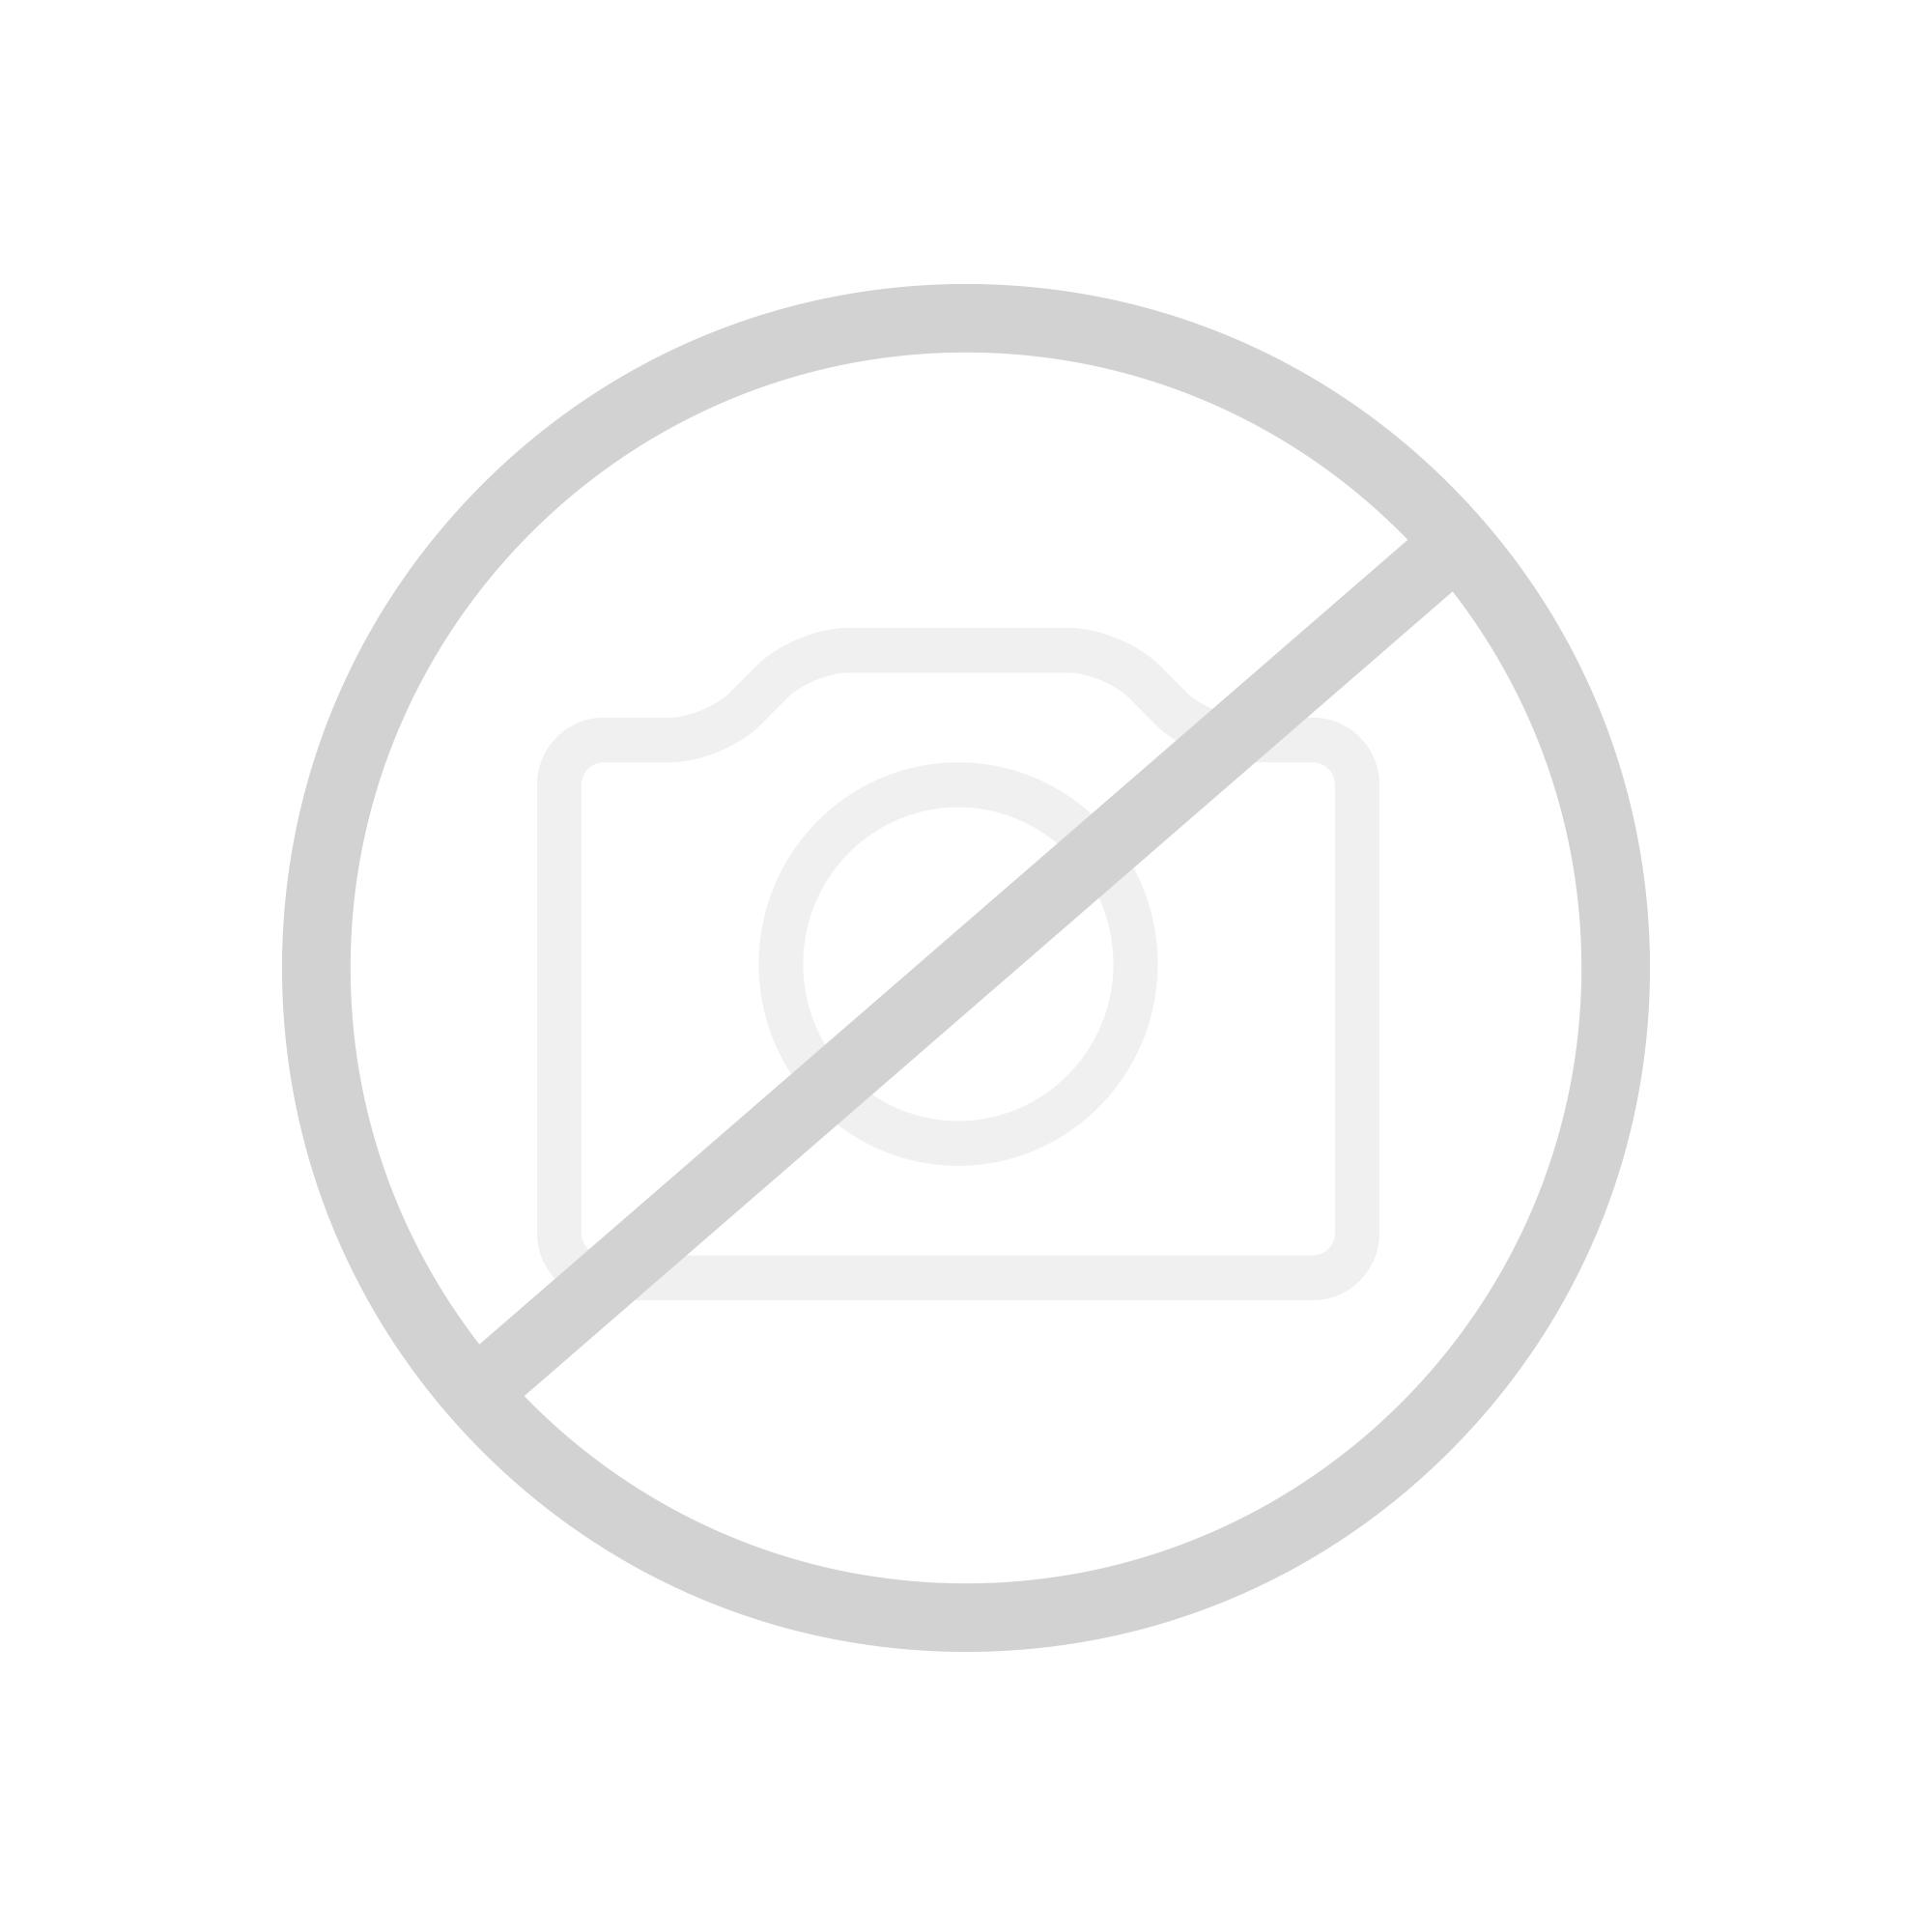 keuco edition 11 haltegriff 11107010000 reuter. Black Bedroom Furniture Sets. Home Design Ideas